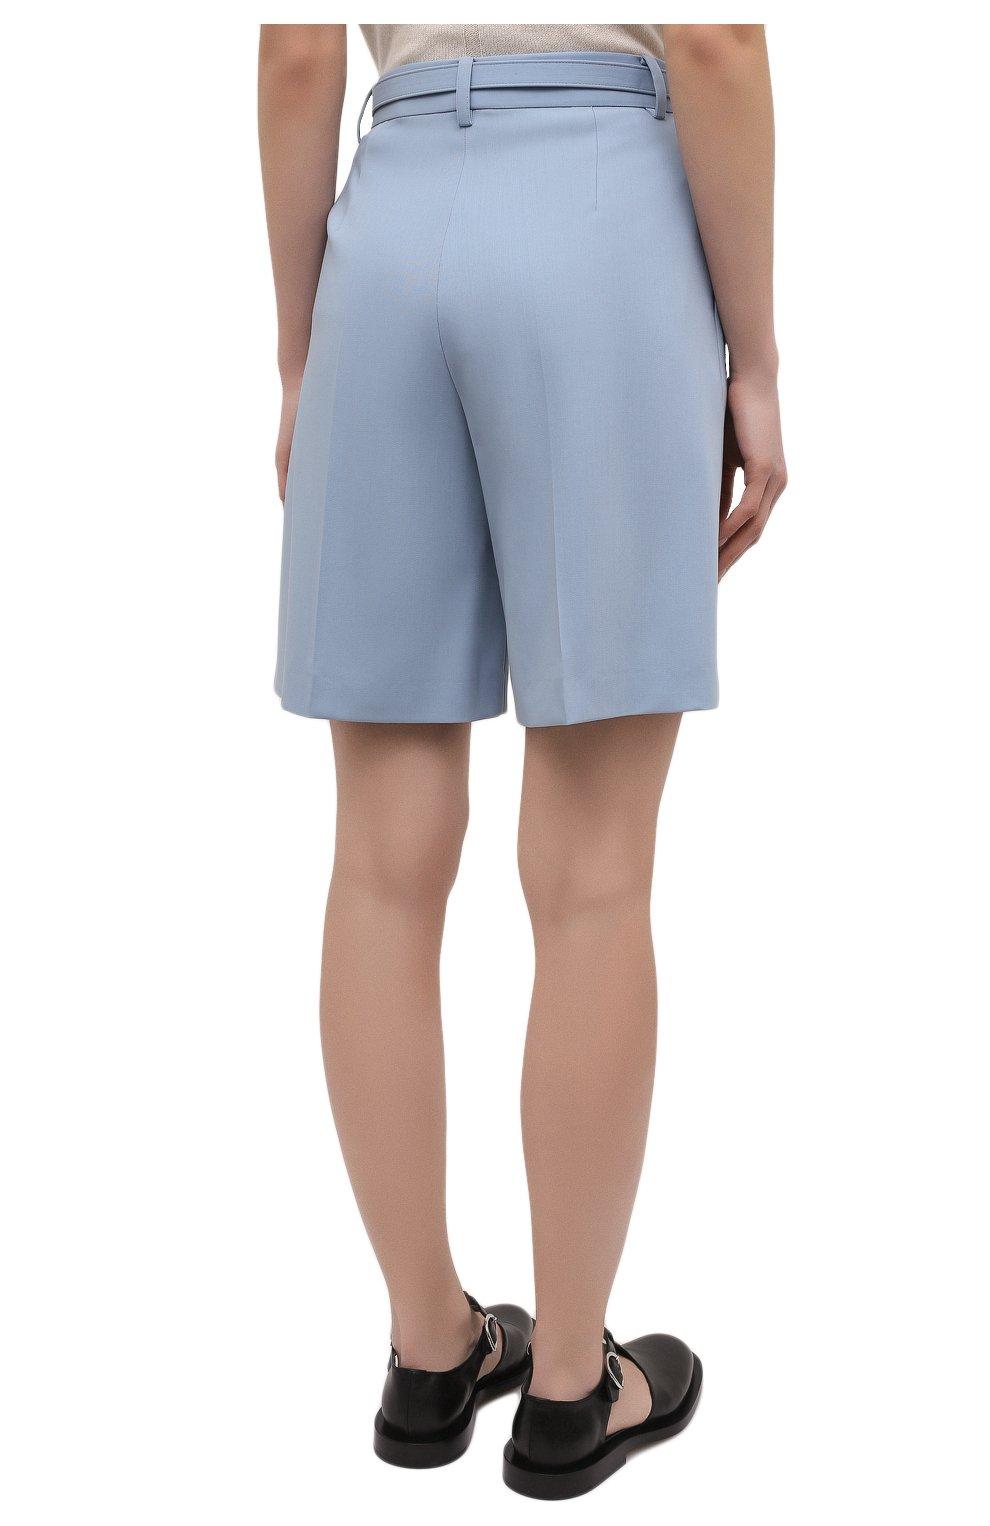 Женские шерстяные шорты RALPH LAUREN светло-голубого цвета, арт. 290842607 | Фото 4 (Женское Кросс-КТ: Шорты-одежда; Материал внешний: Шерсть; Длина Ж (юбки, платья, шорты): Мини; Кросс-КТ: Широкие; Стили: Романтичный)